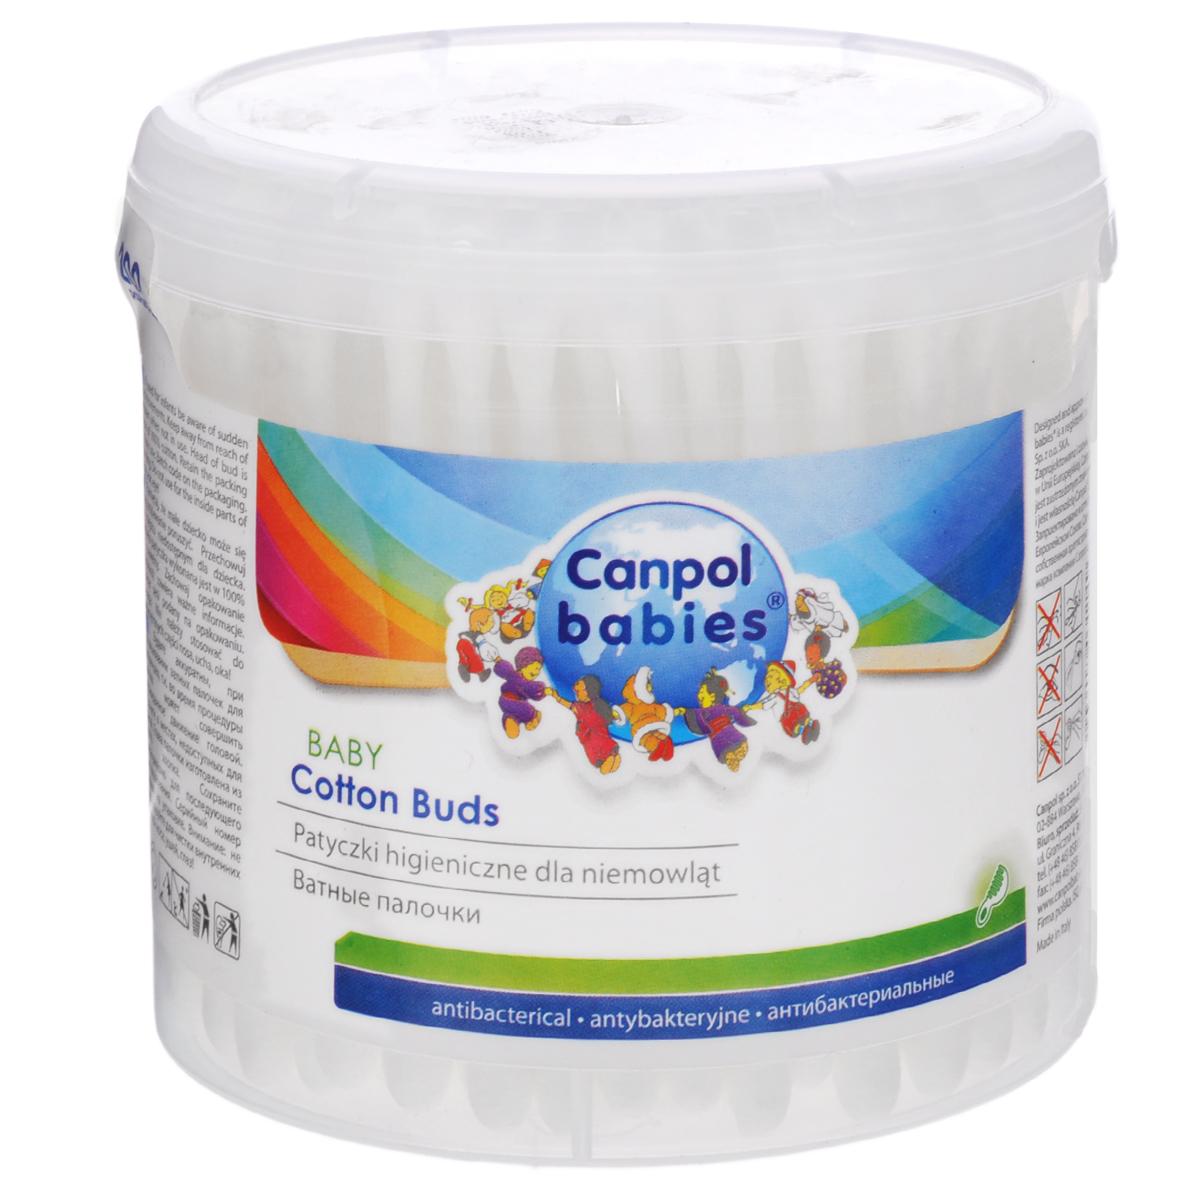 Canpol Babies Ватные палочки, детские, антибактериальные, 200 шт